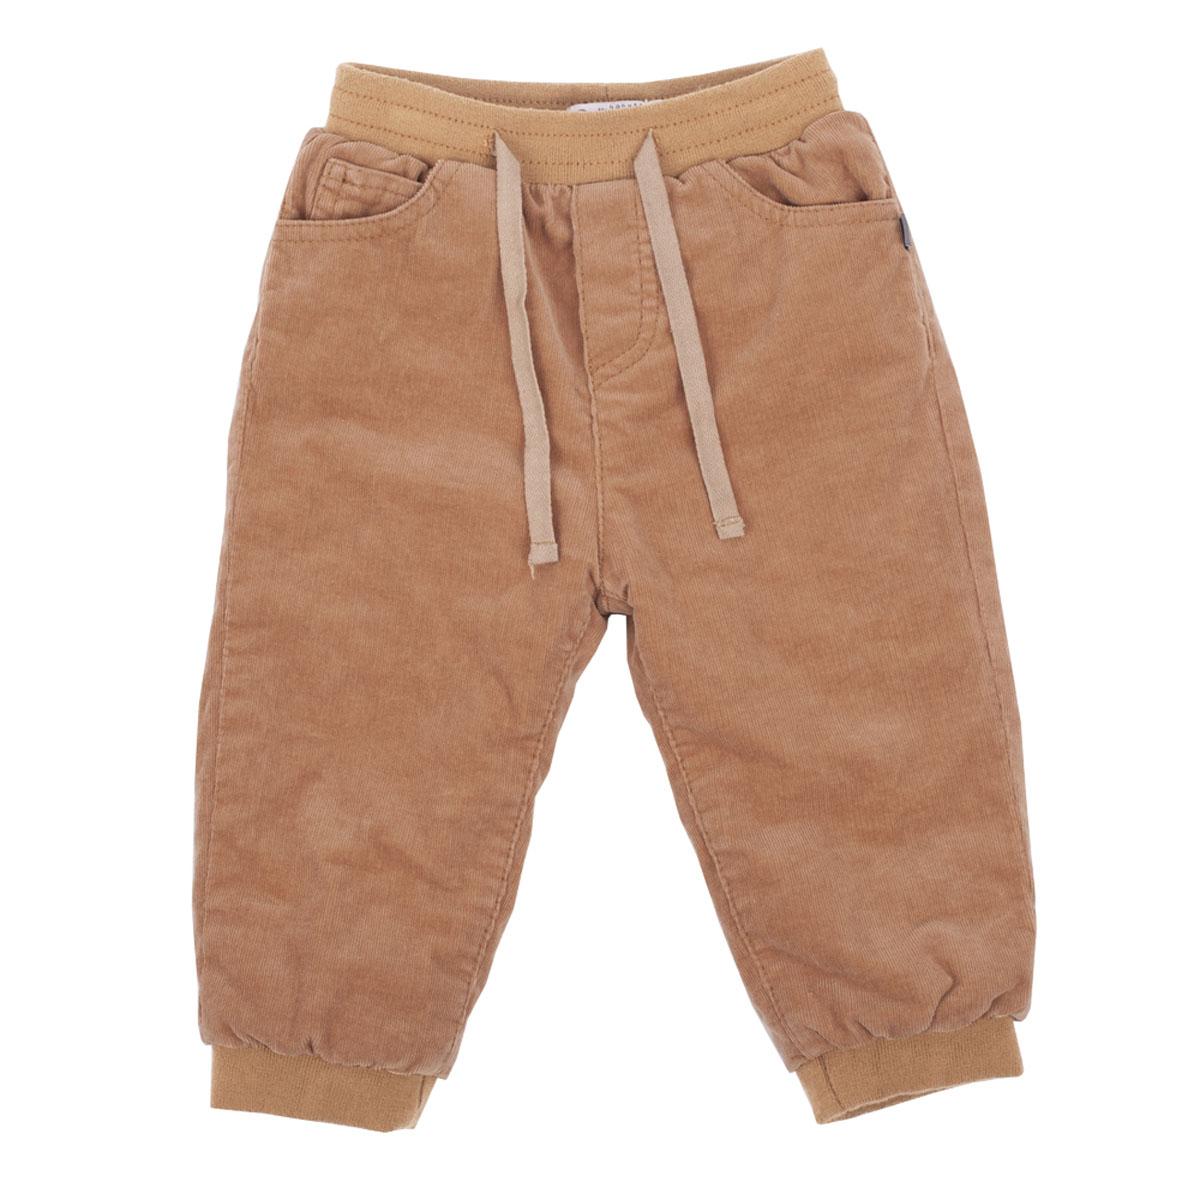 Брюки216GBBC6401Утепленные брюки для малышей! Что может важнее для длительных осенних прогулок на свежем воздухе! Их основная функция - сохранение тепла и, вне всяких сомнений, эти брюки с ней справятся на все 100! Удачная конструкция, выверенные пропорции не создают ненужного объема, мешающего свободе движений. Эти модные брюки из вельвета на трикотажной подкладке обеспечивают уют и комфорт.